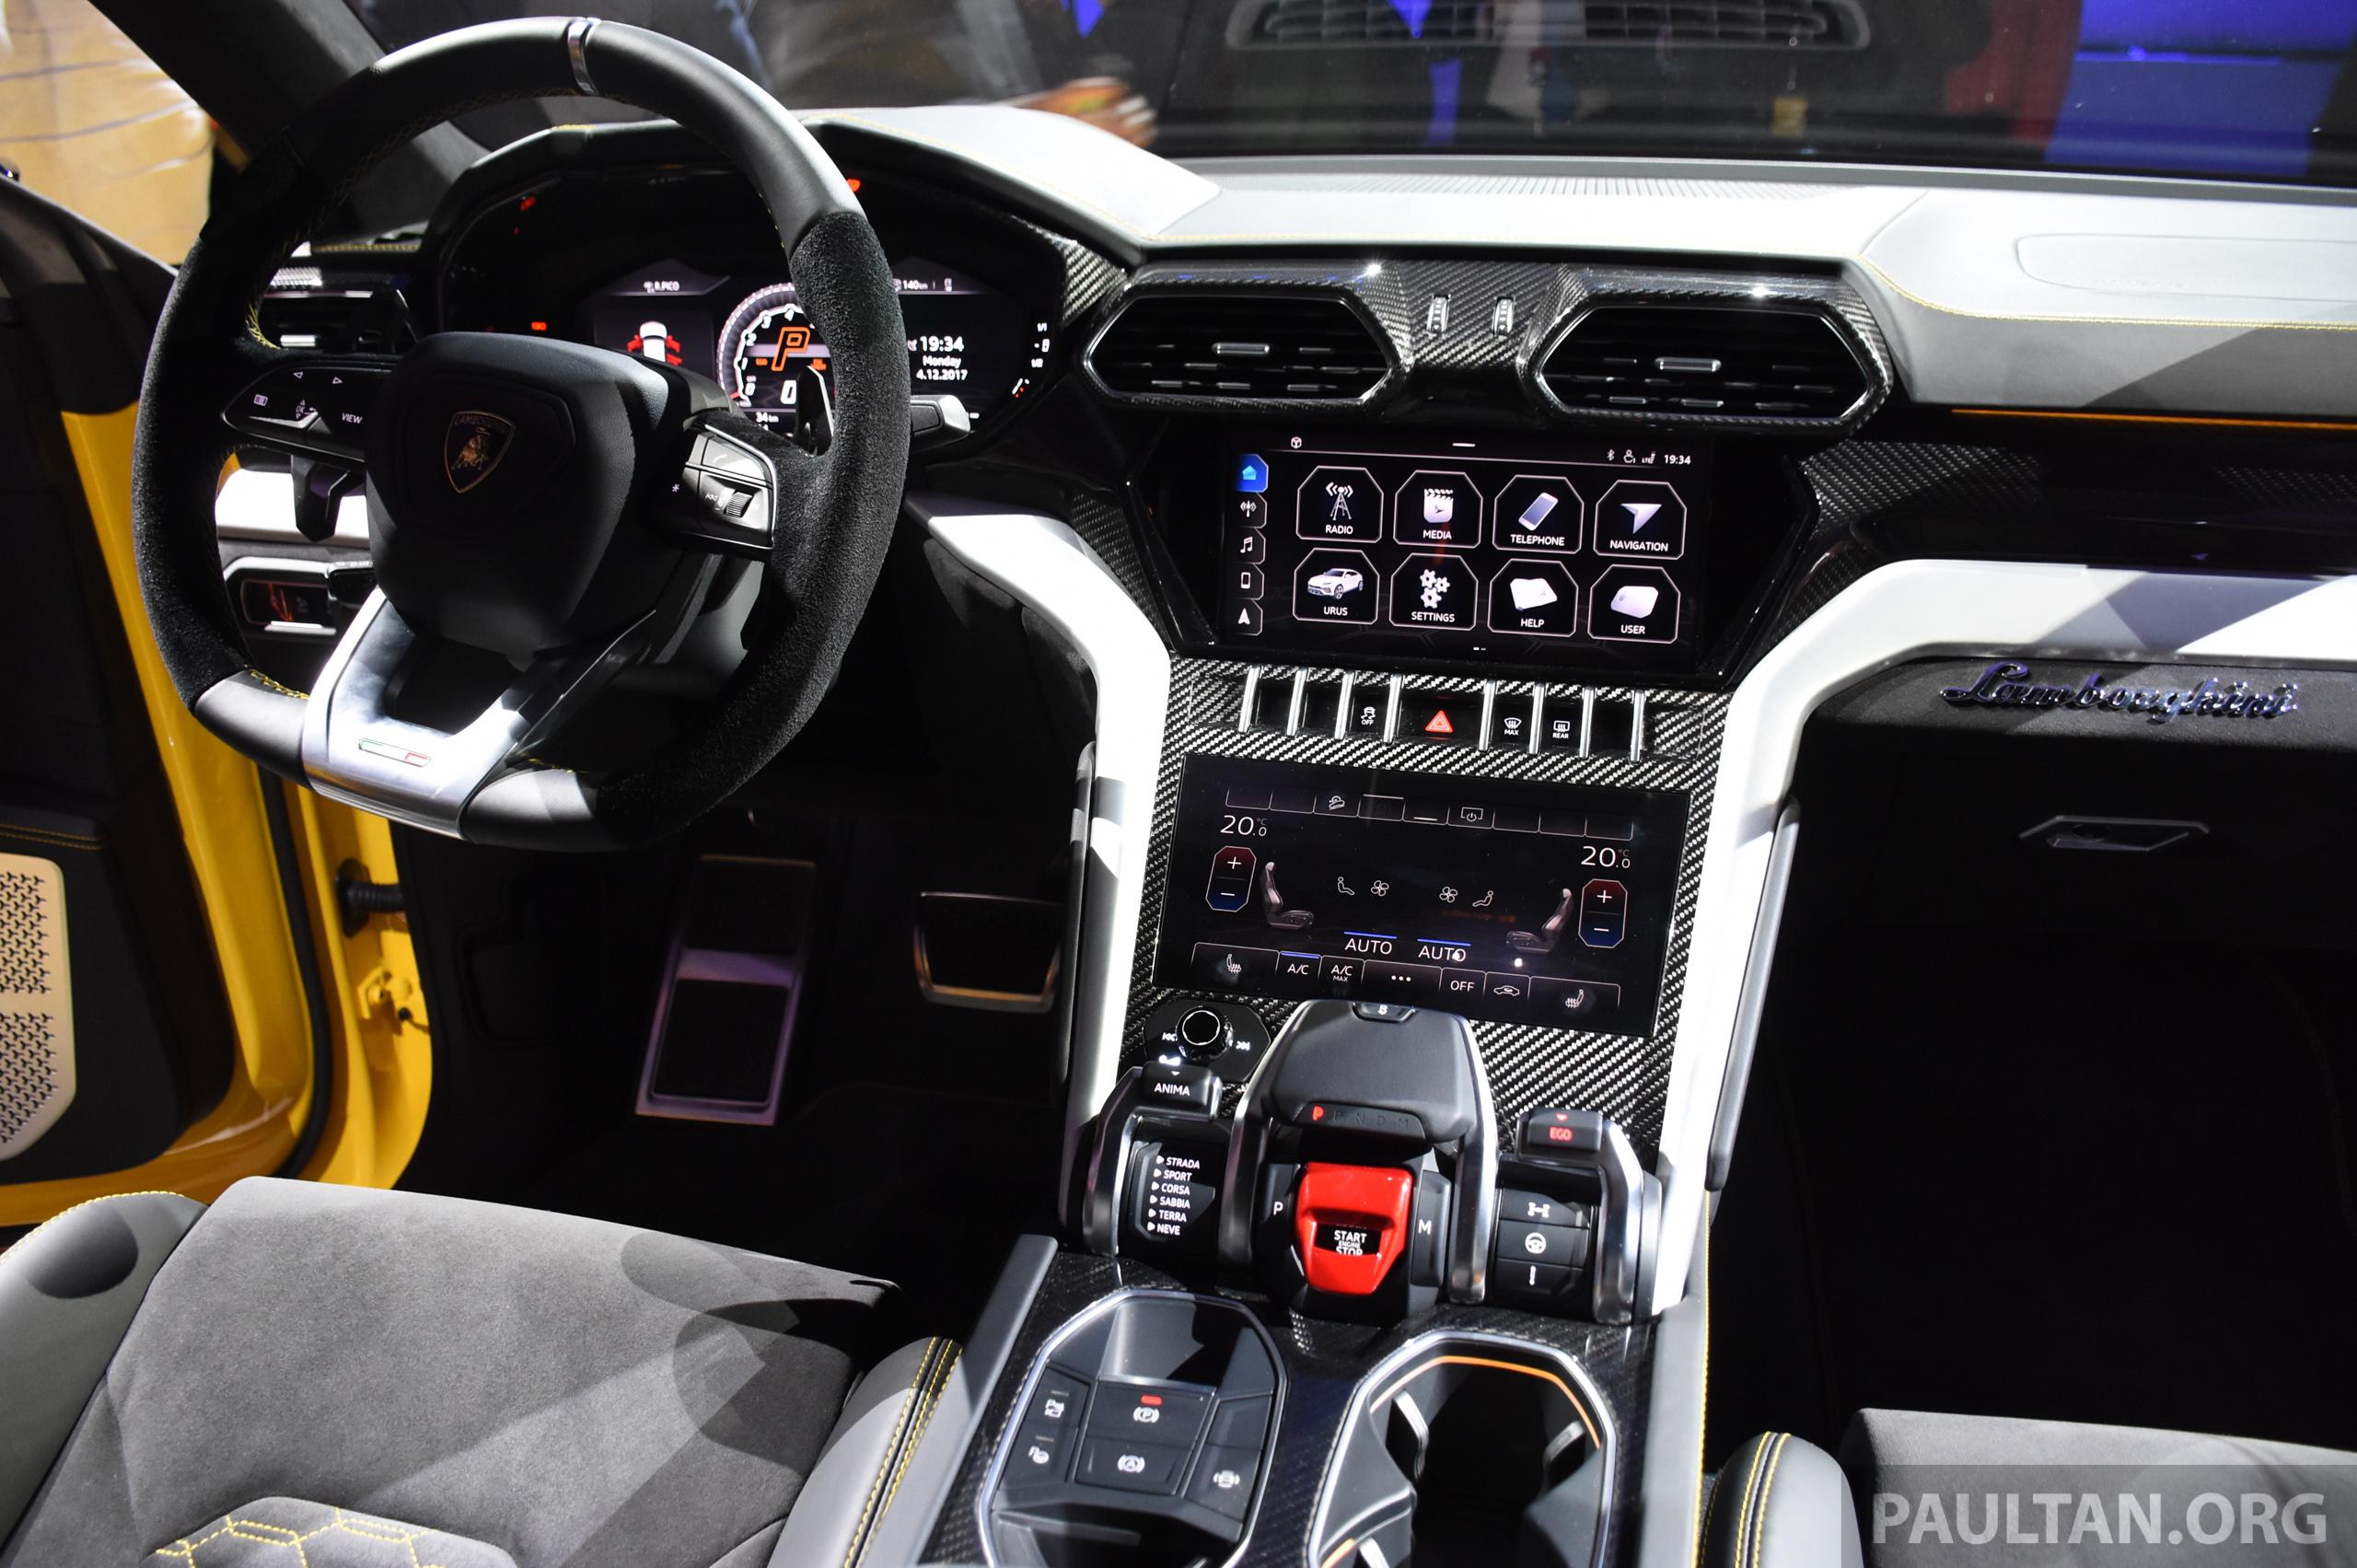 Lamborghini Urus Price In Malaysia >> Lamborghini Urus tampil secara rasmi – SUV 650 PS, 850 Nm tork, penghantaran bermula pada tahun ...